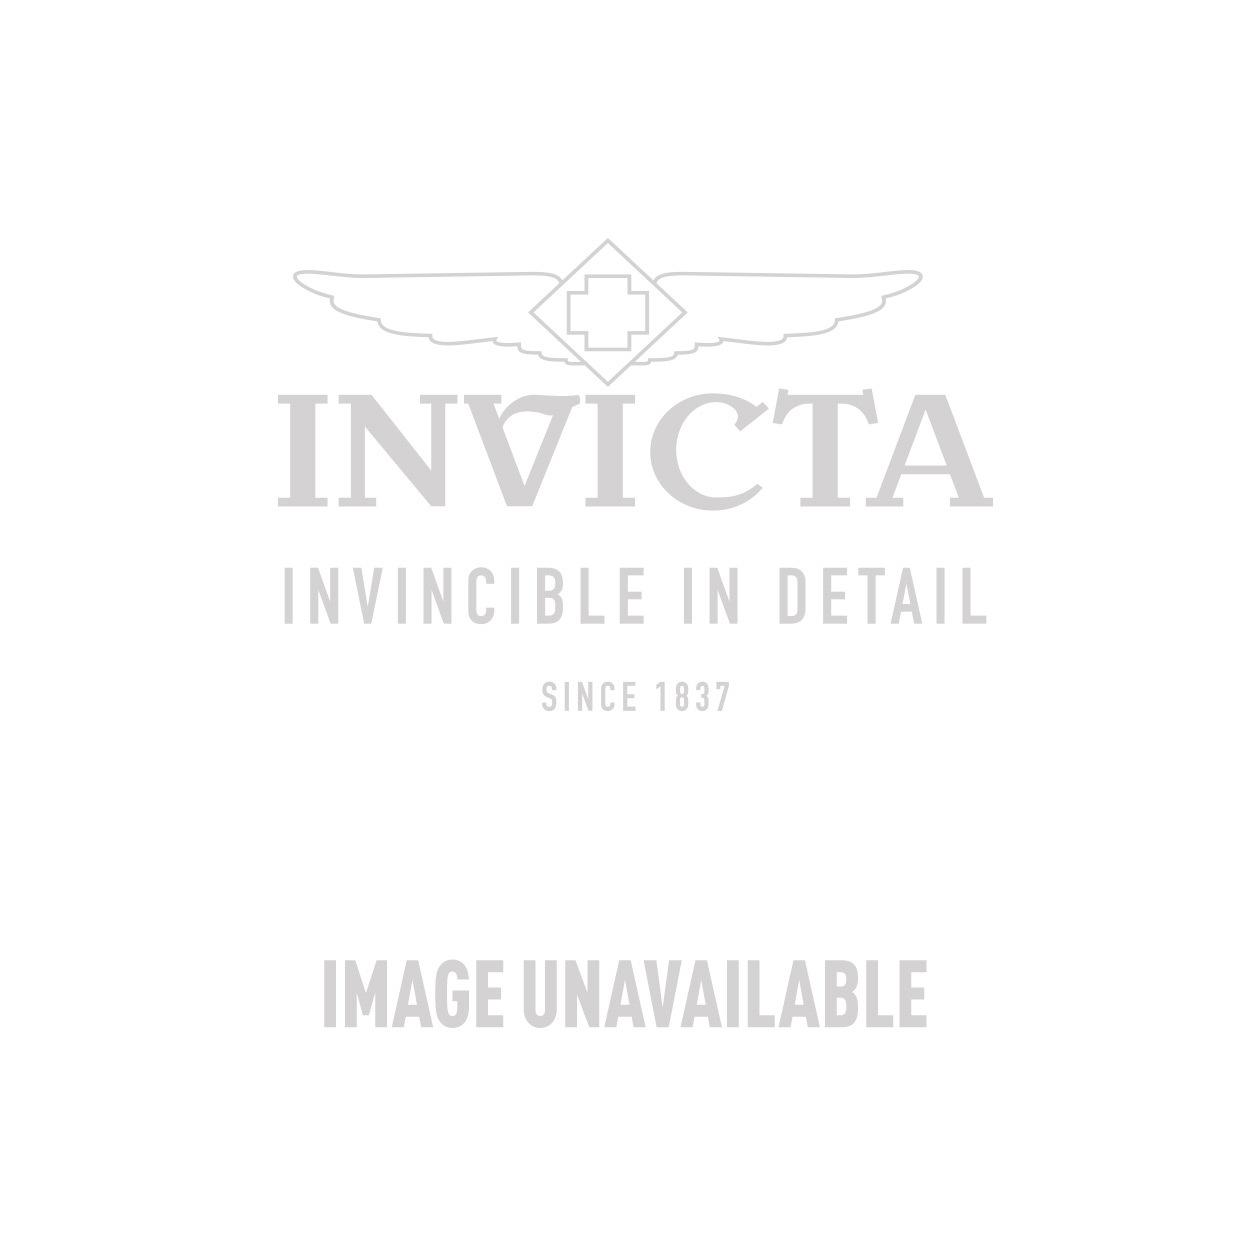 Invicta Model 25818